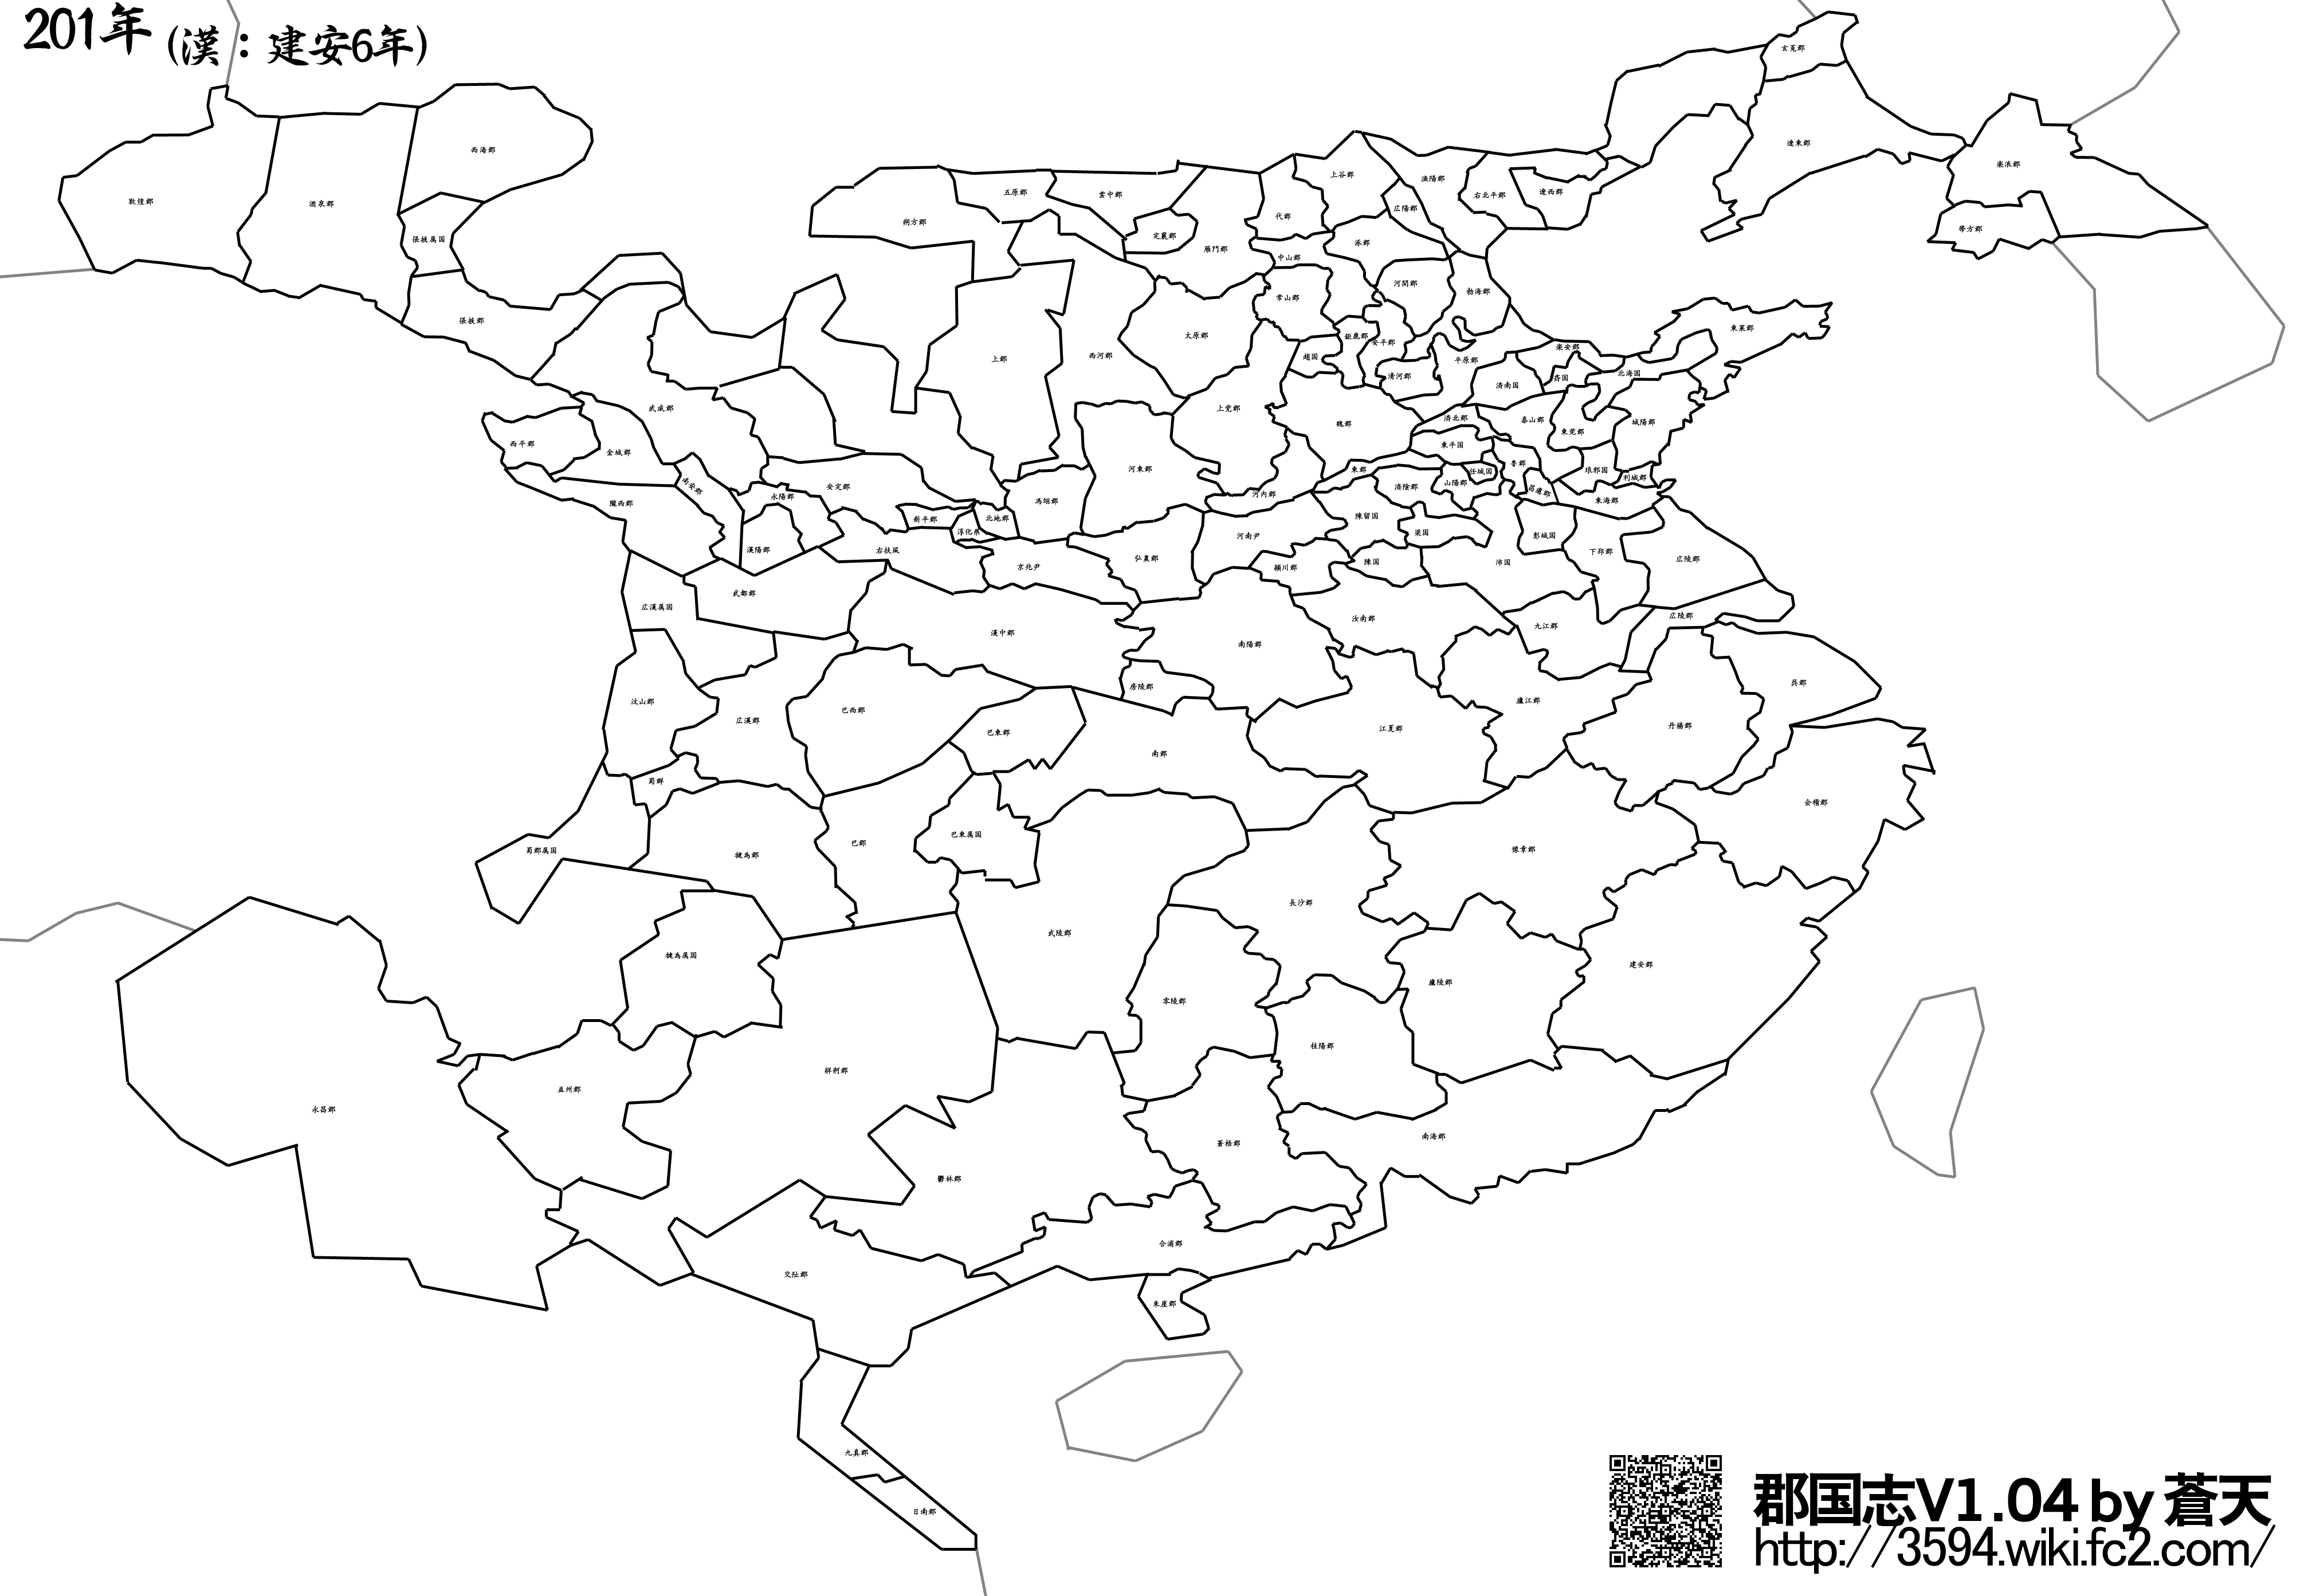 郡国志v104_201年